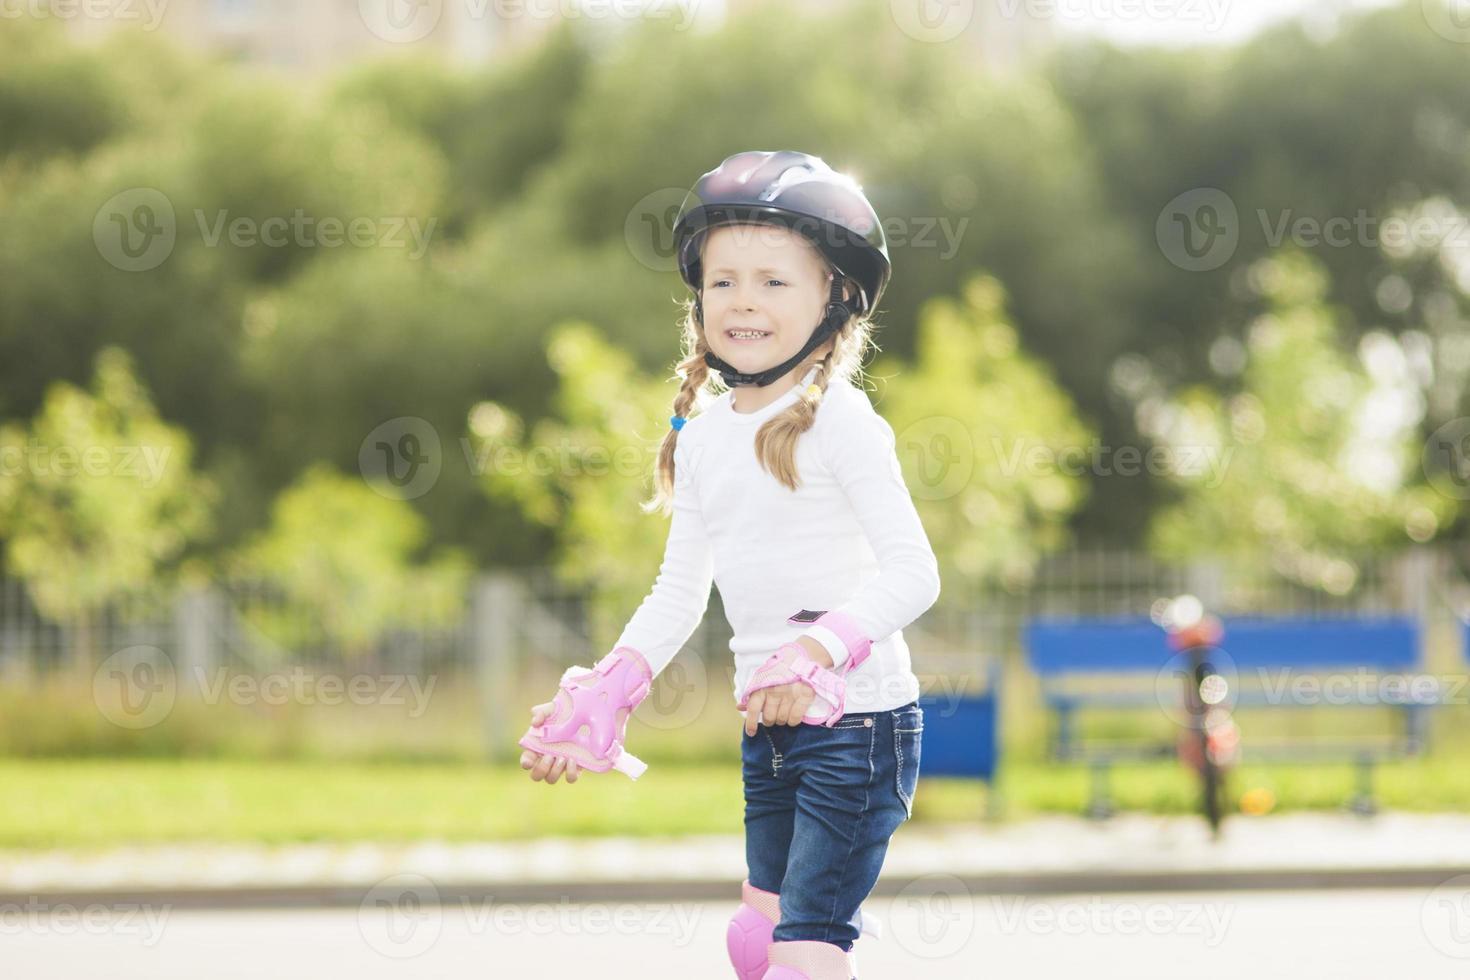 Jolie fille caucasienne blonde patinant sur une piste photo